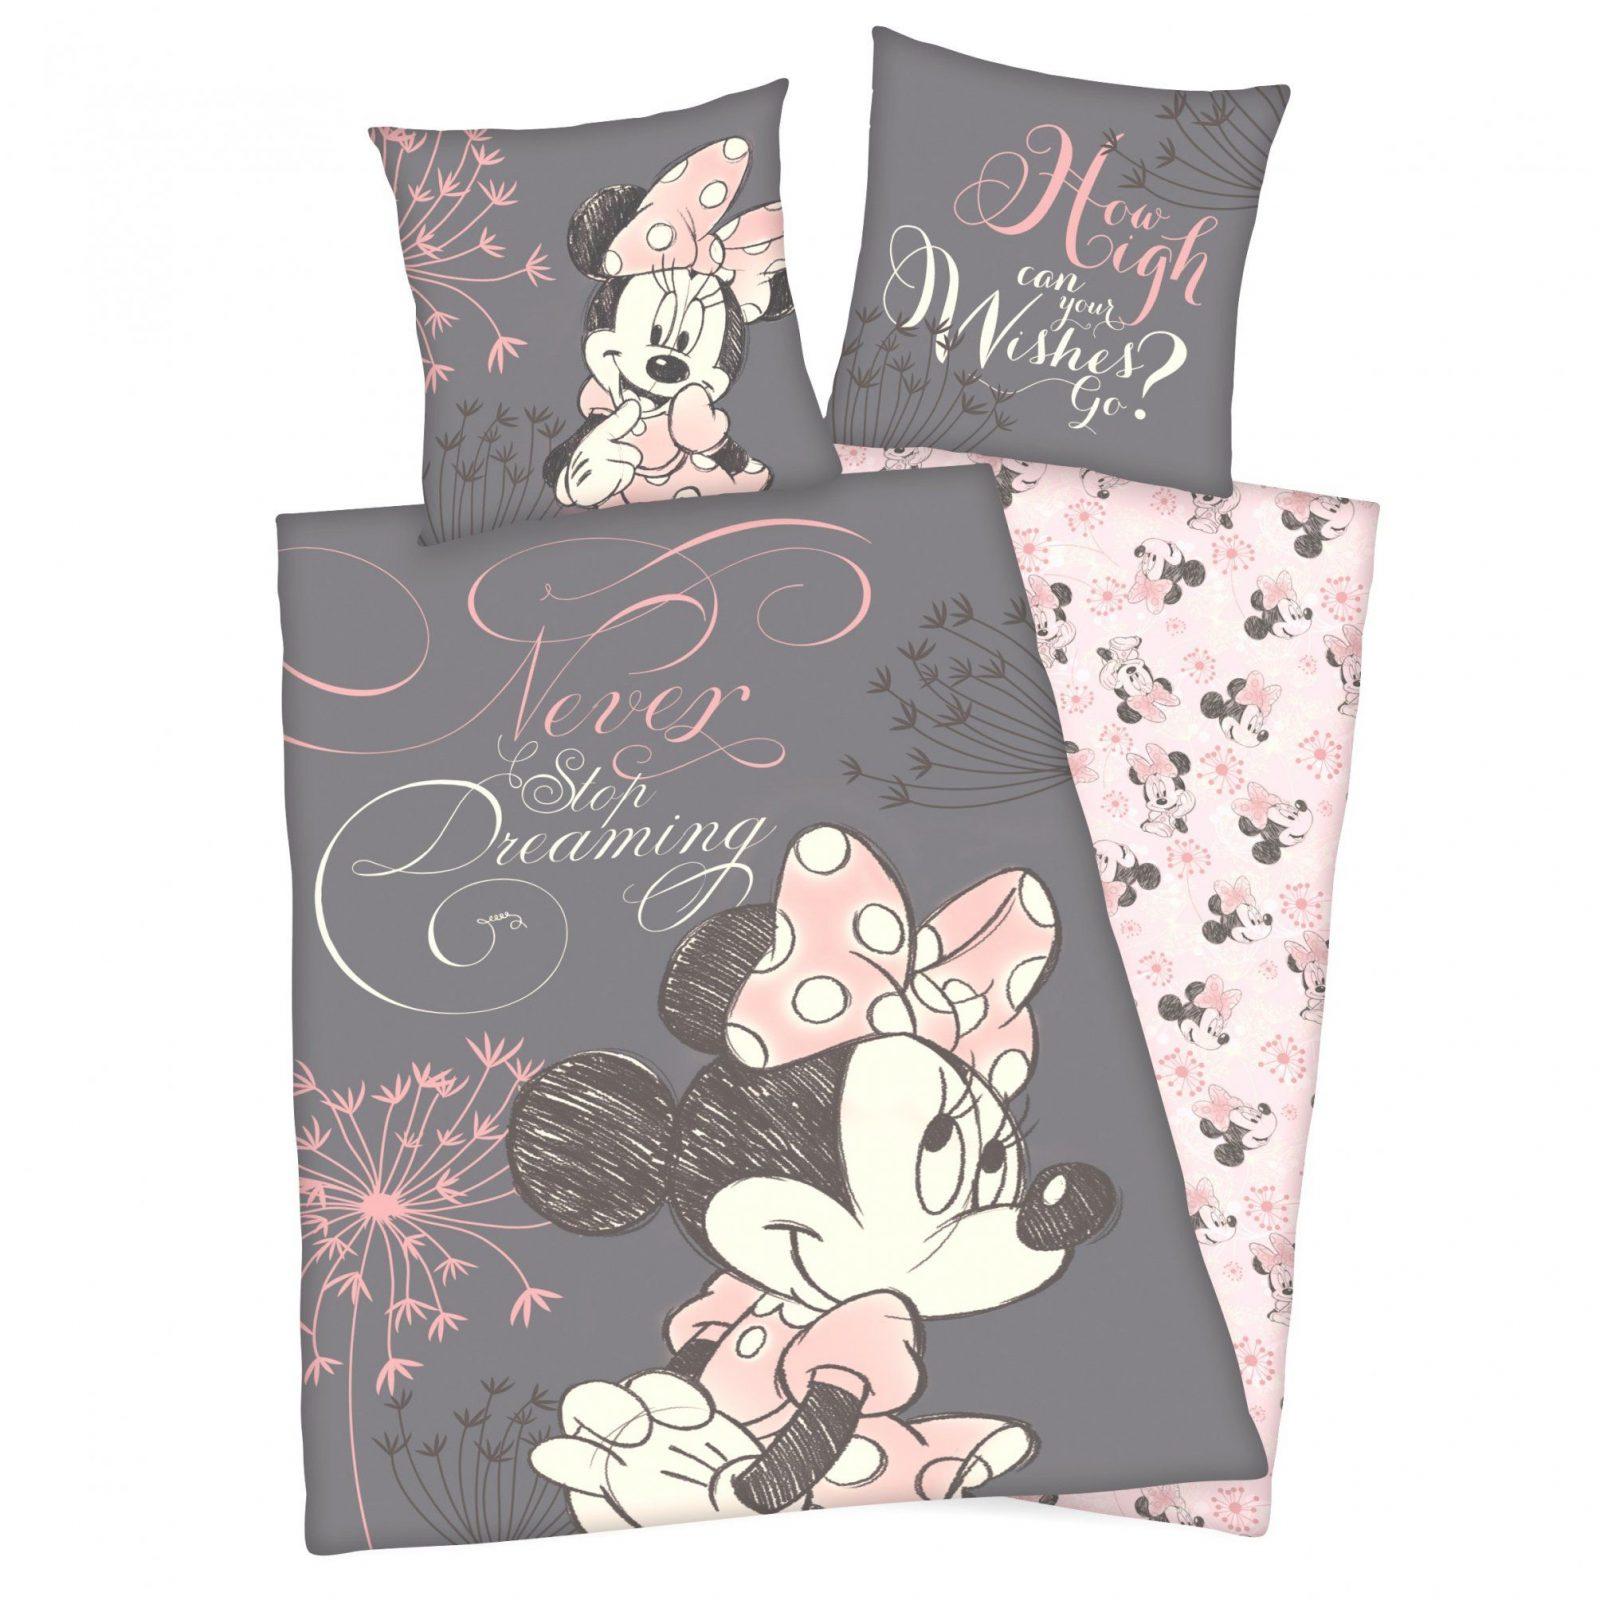 Günstige Ideen Minnie Mouse Bettwäsche Und Geniale Trend Textilien von Mini Mouse Bettwäsche Bild